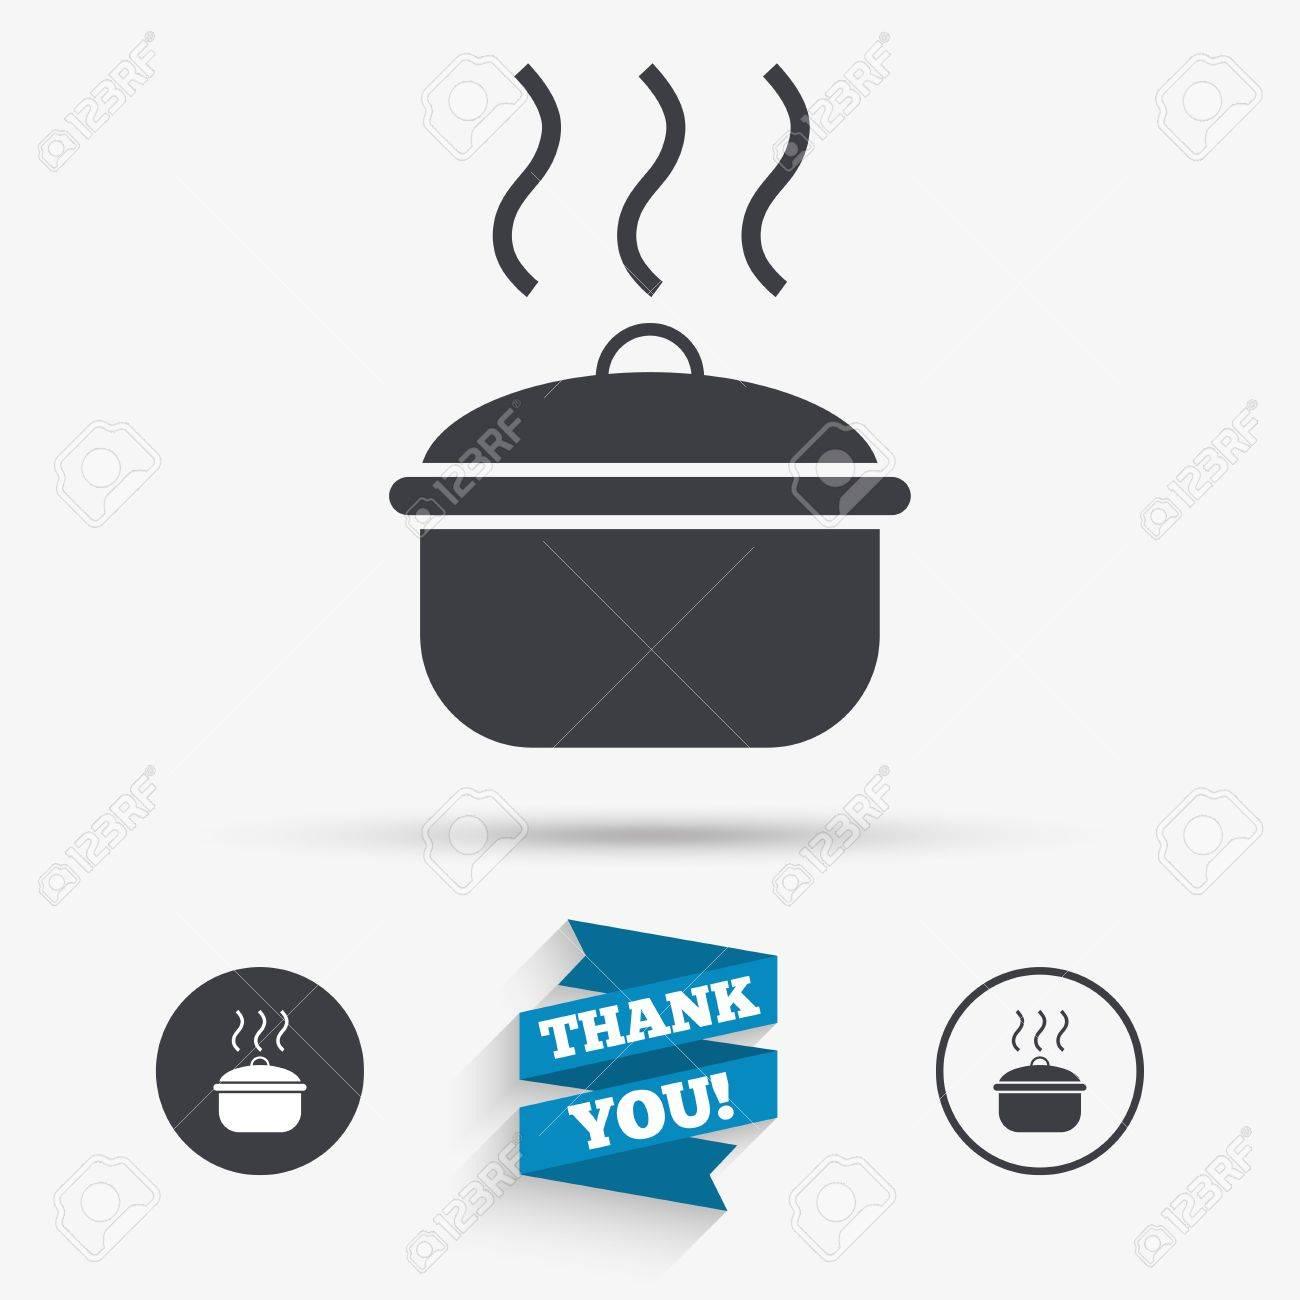 Cuisine Pan Signe Icone Faire Bouillir Ou Le Symbole De La